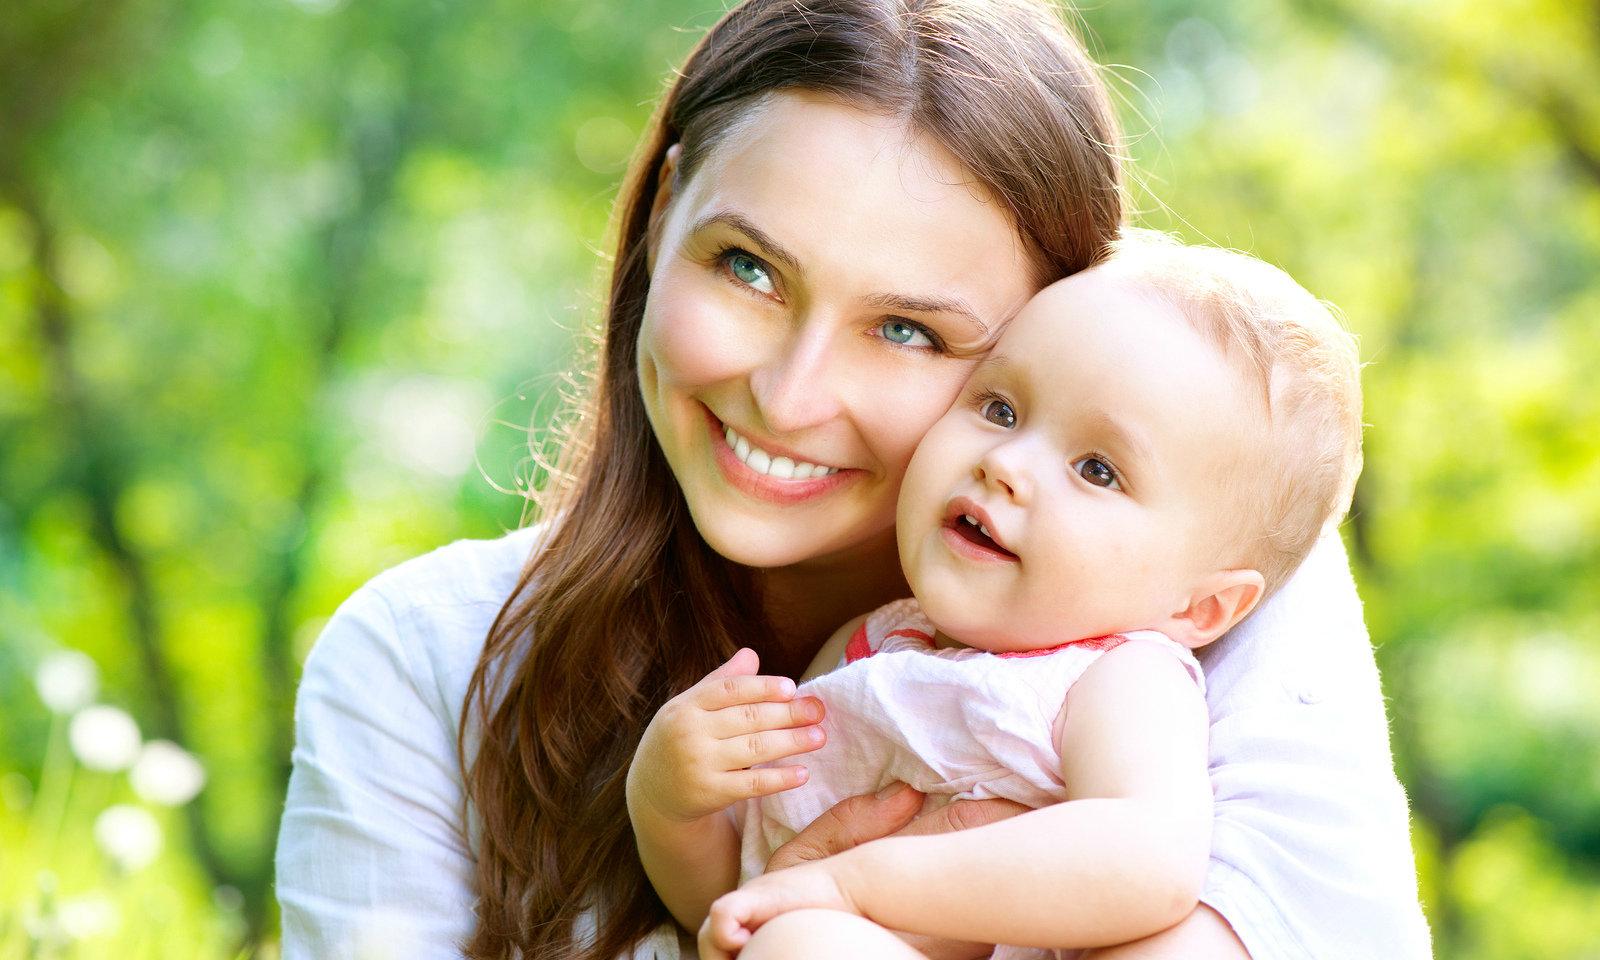 Фото молодой мамы и ребенка